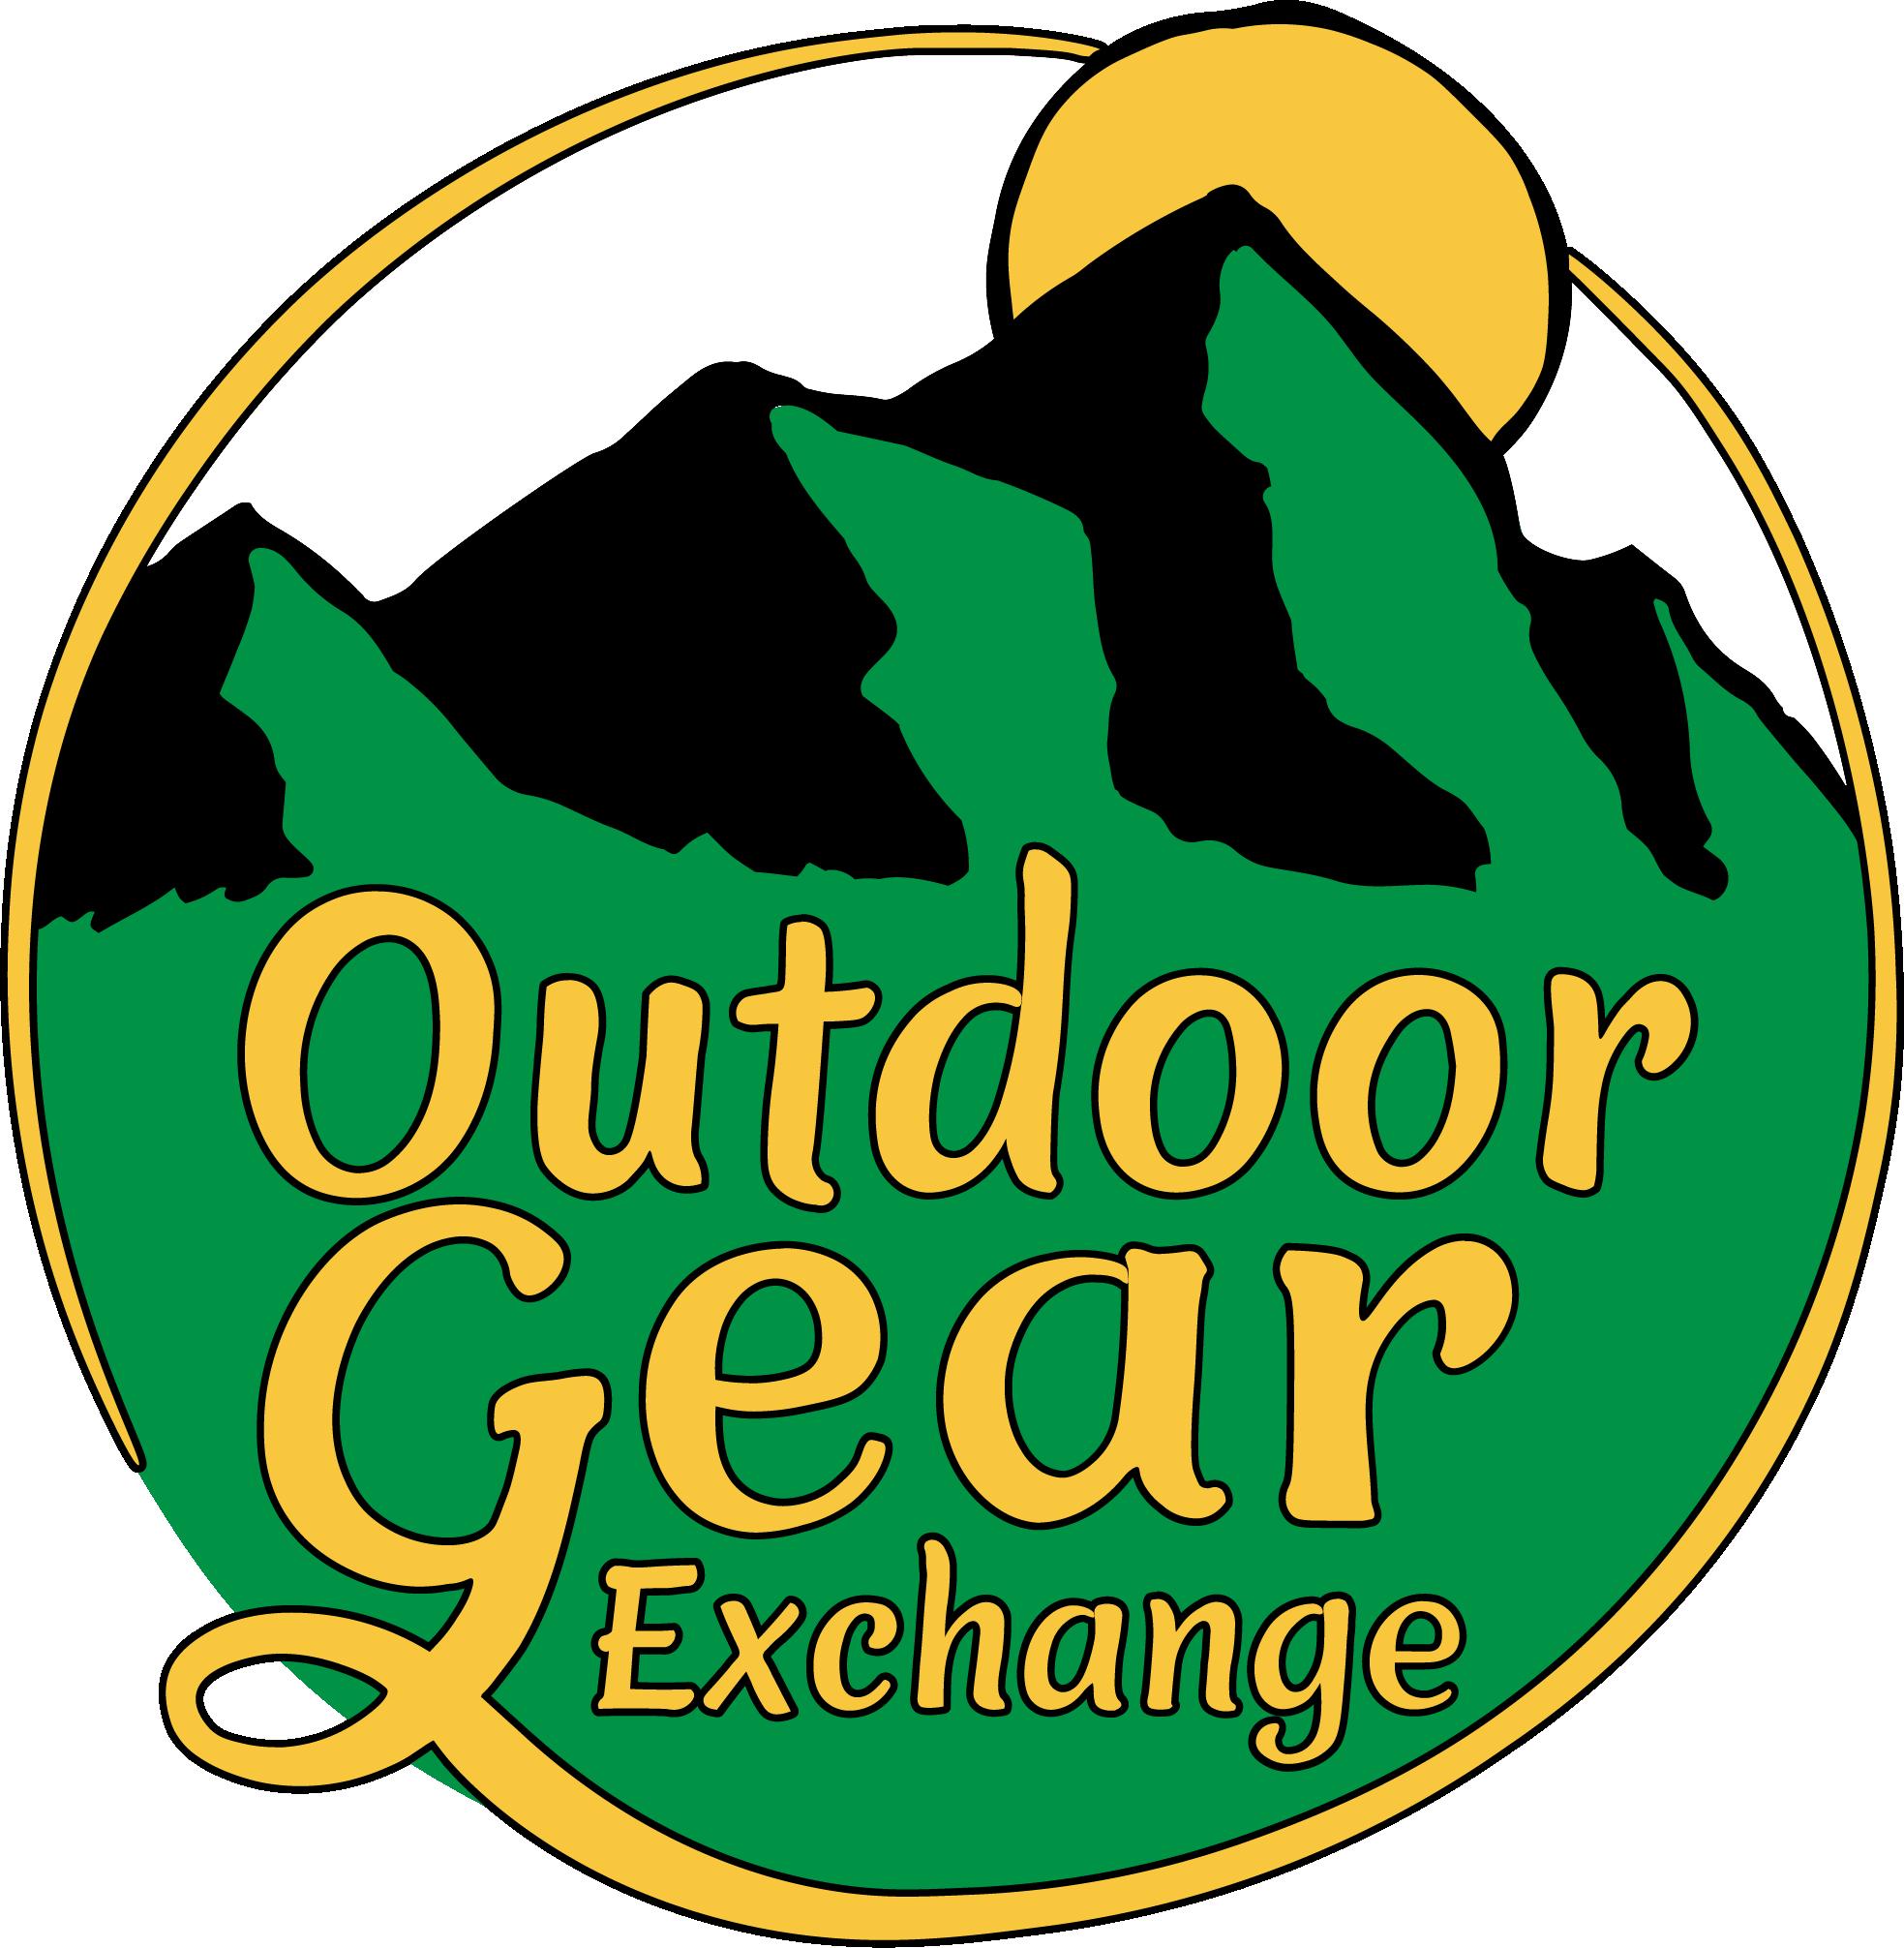 Outdoor Gear Exchange_logo